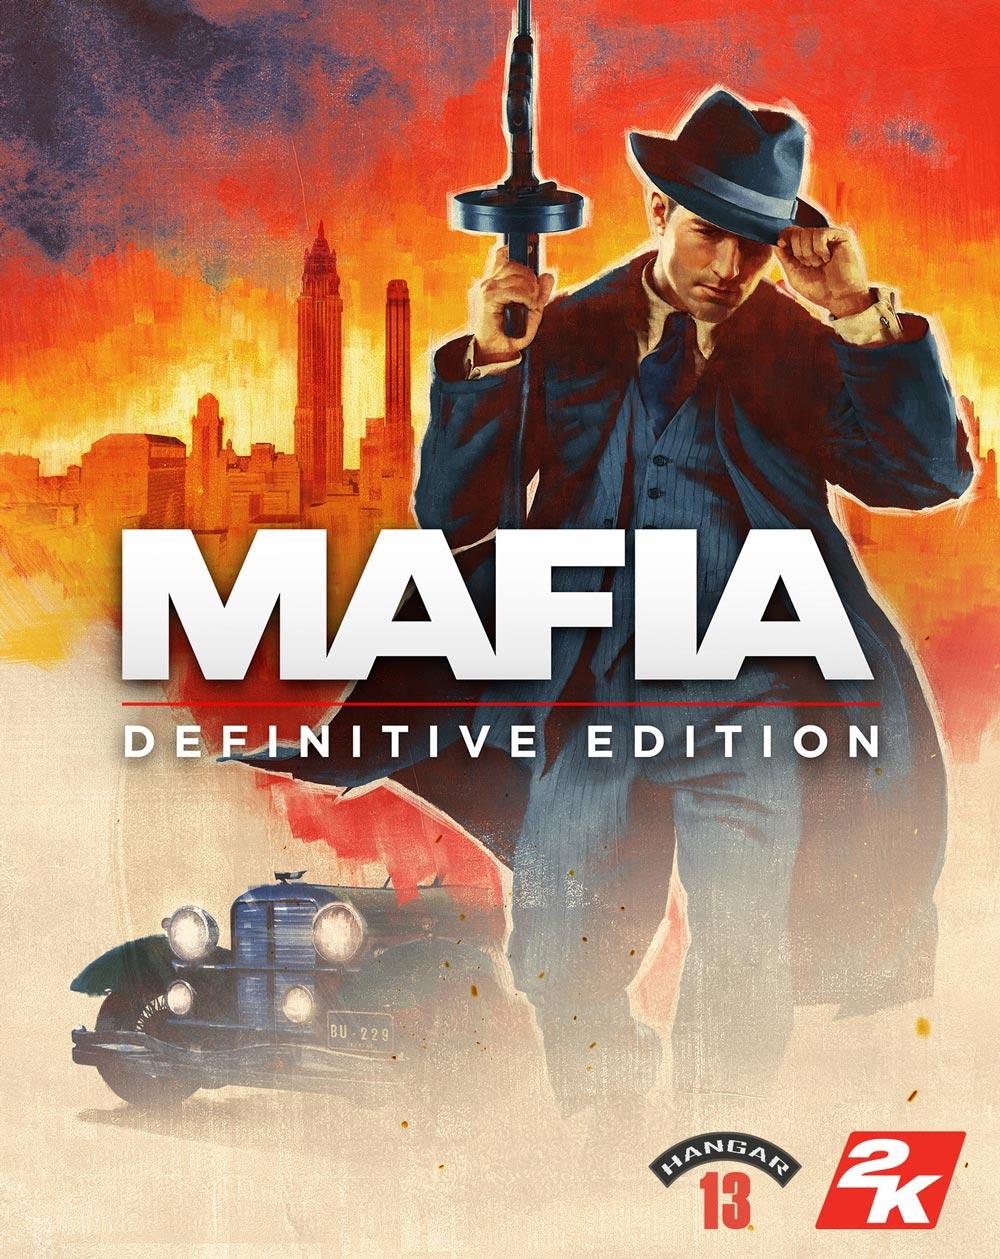 В сети появились 15 минут геймплея ремейка Mafia